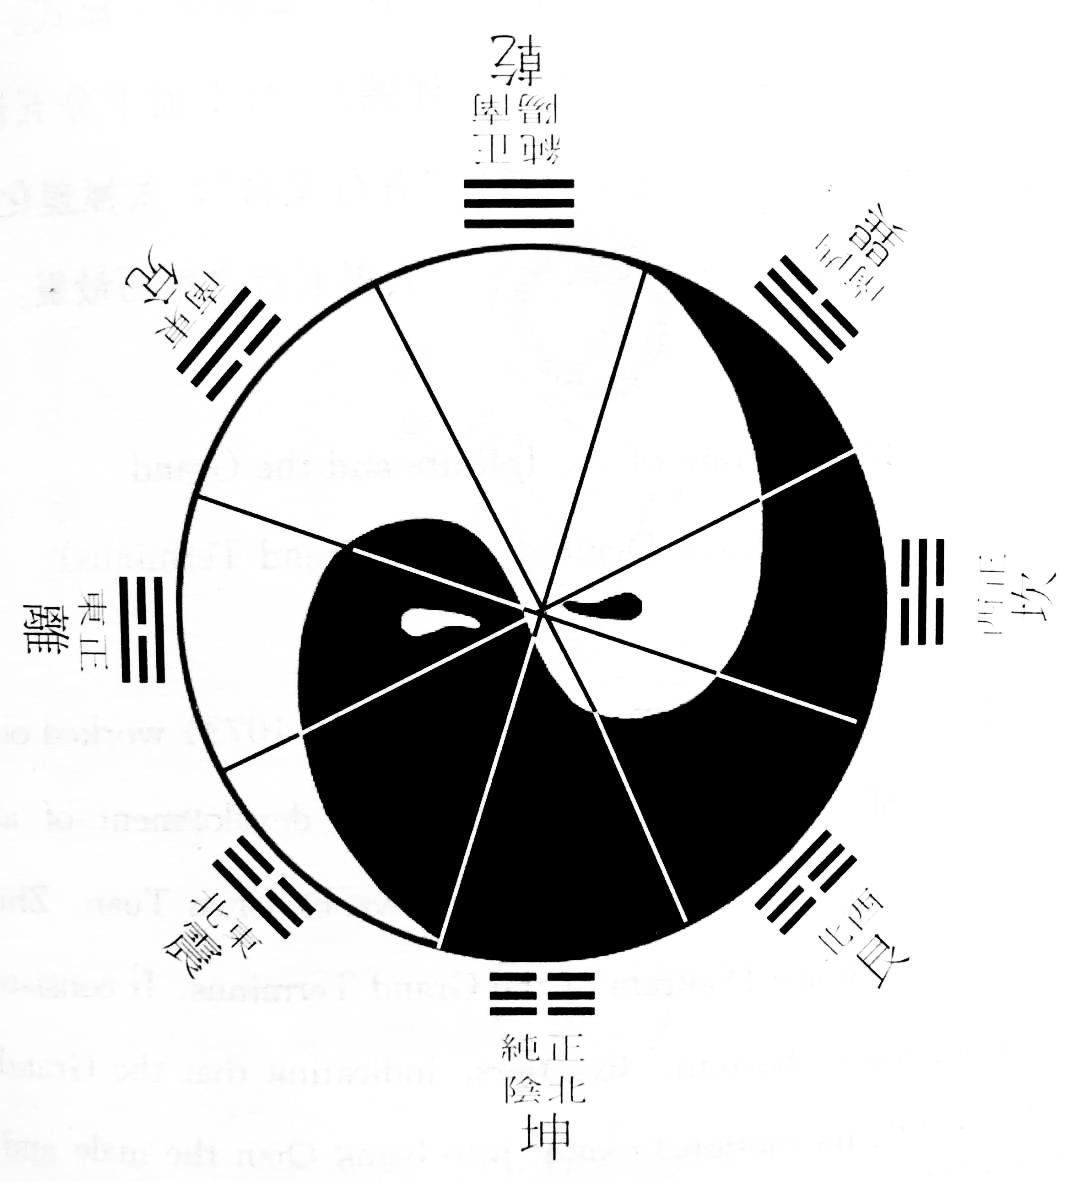 Схема Великого Предела Чэнь Туаня - Чжу Си